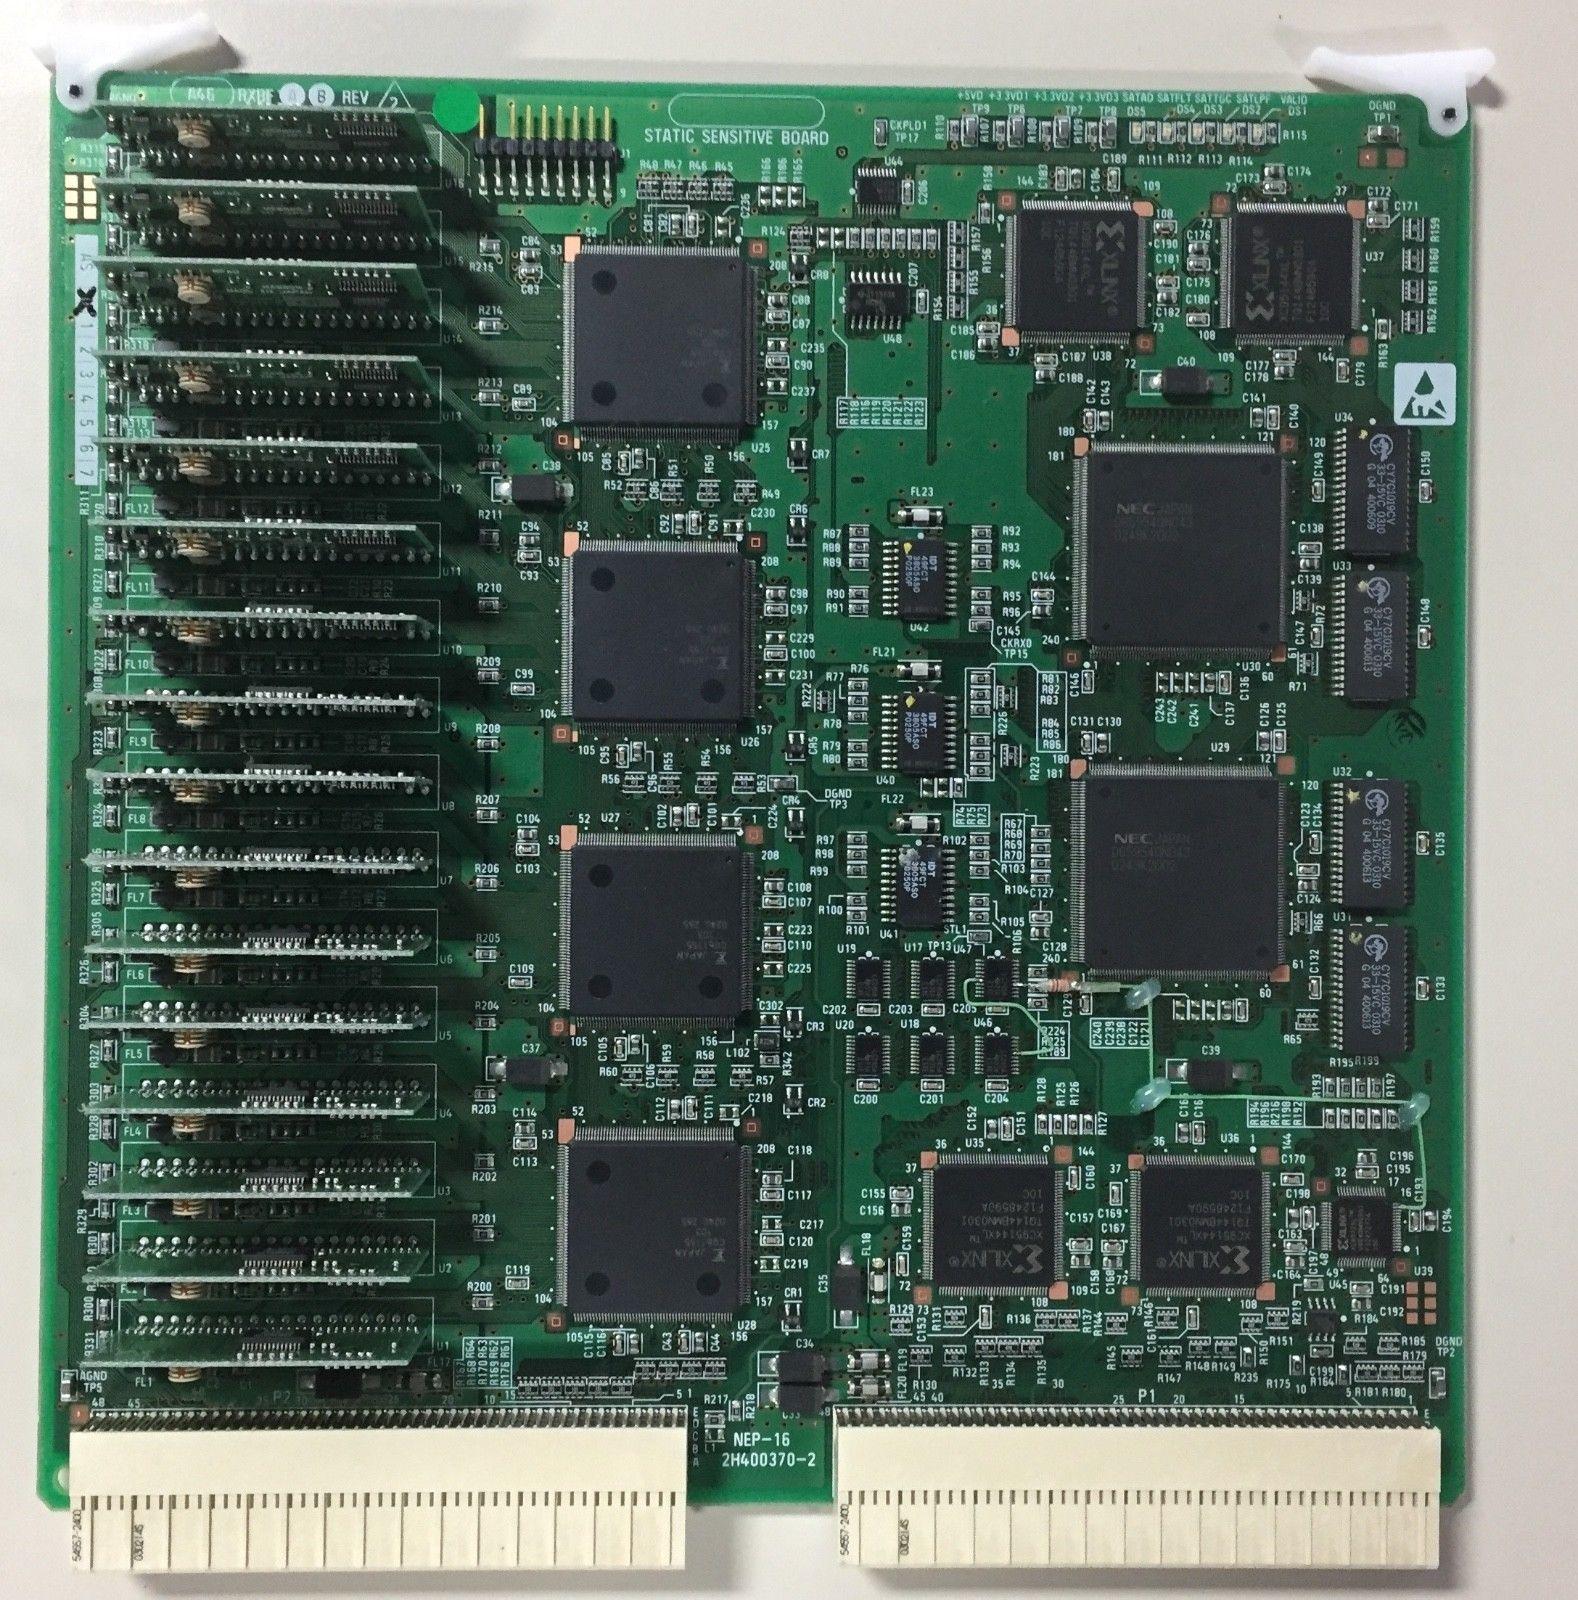 2H400370-2 RXBF BOARD FOR SIEMENS ACUSON CV70